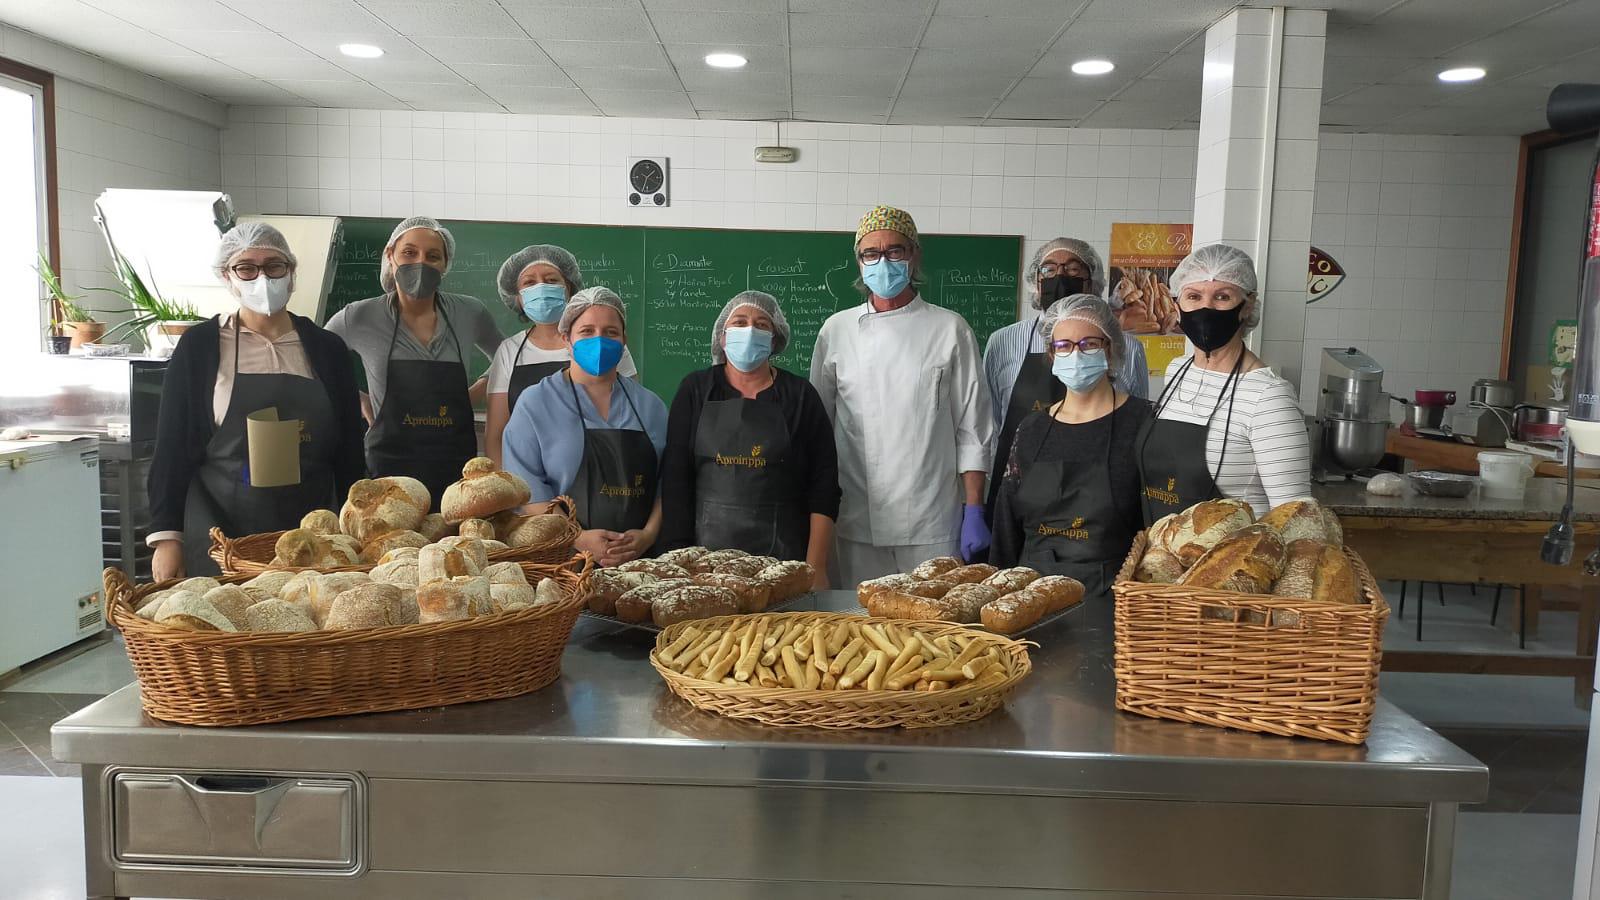 taller-de-panes-gallegos-vigo